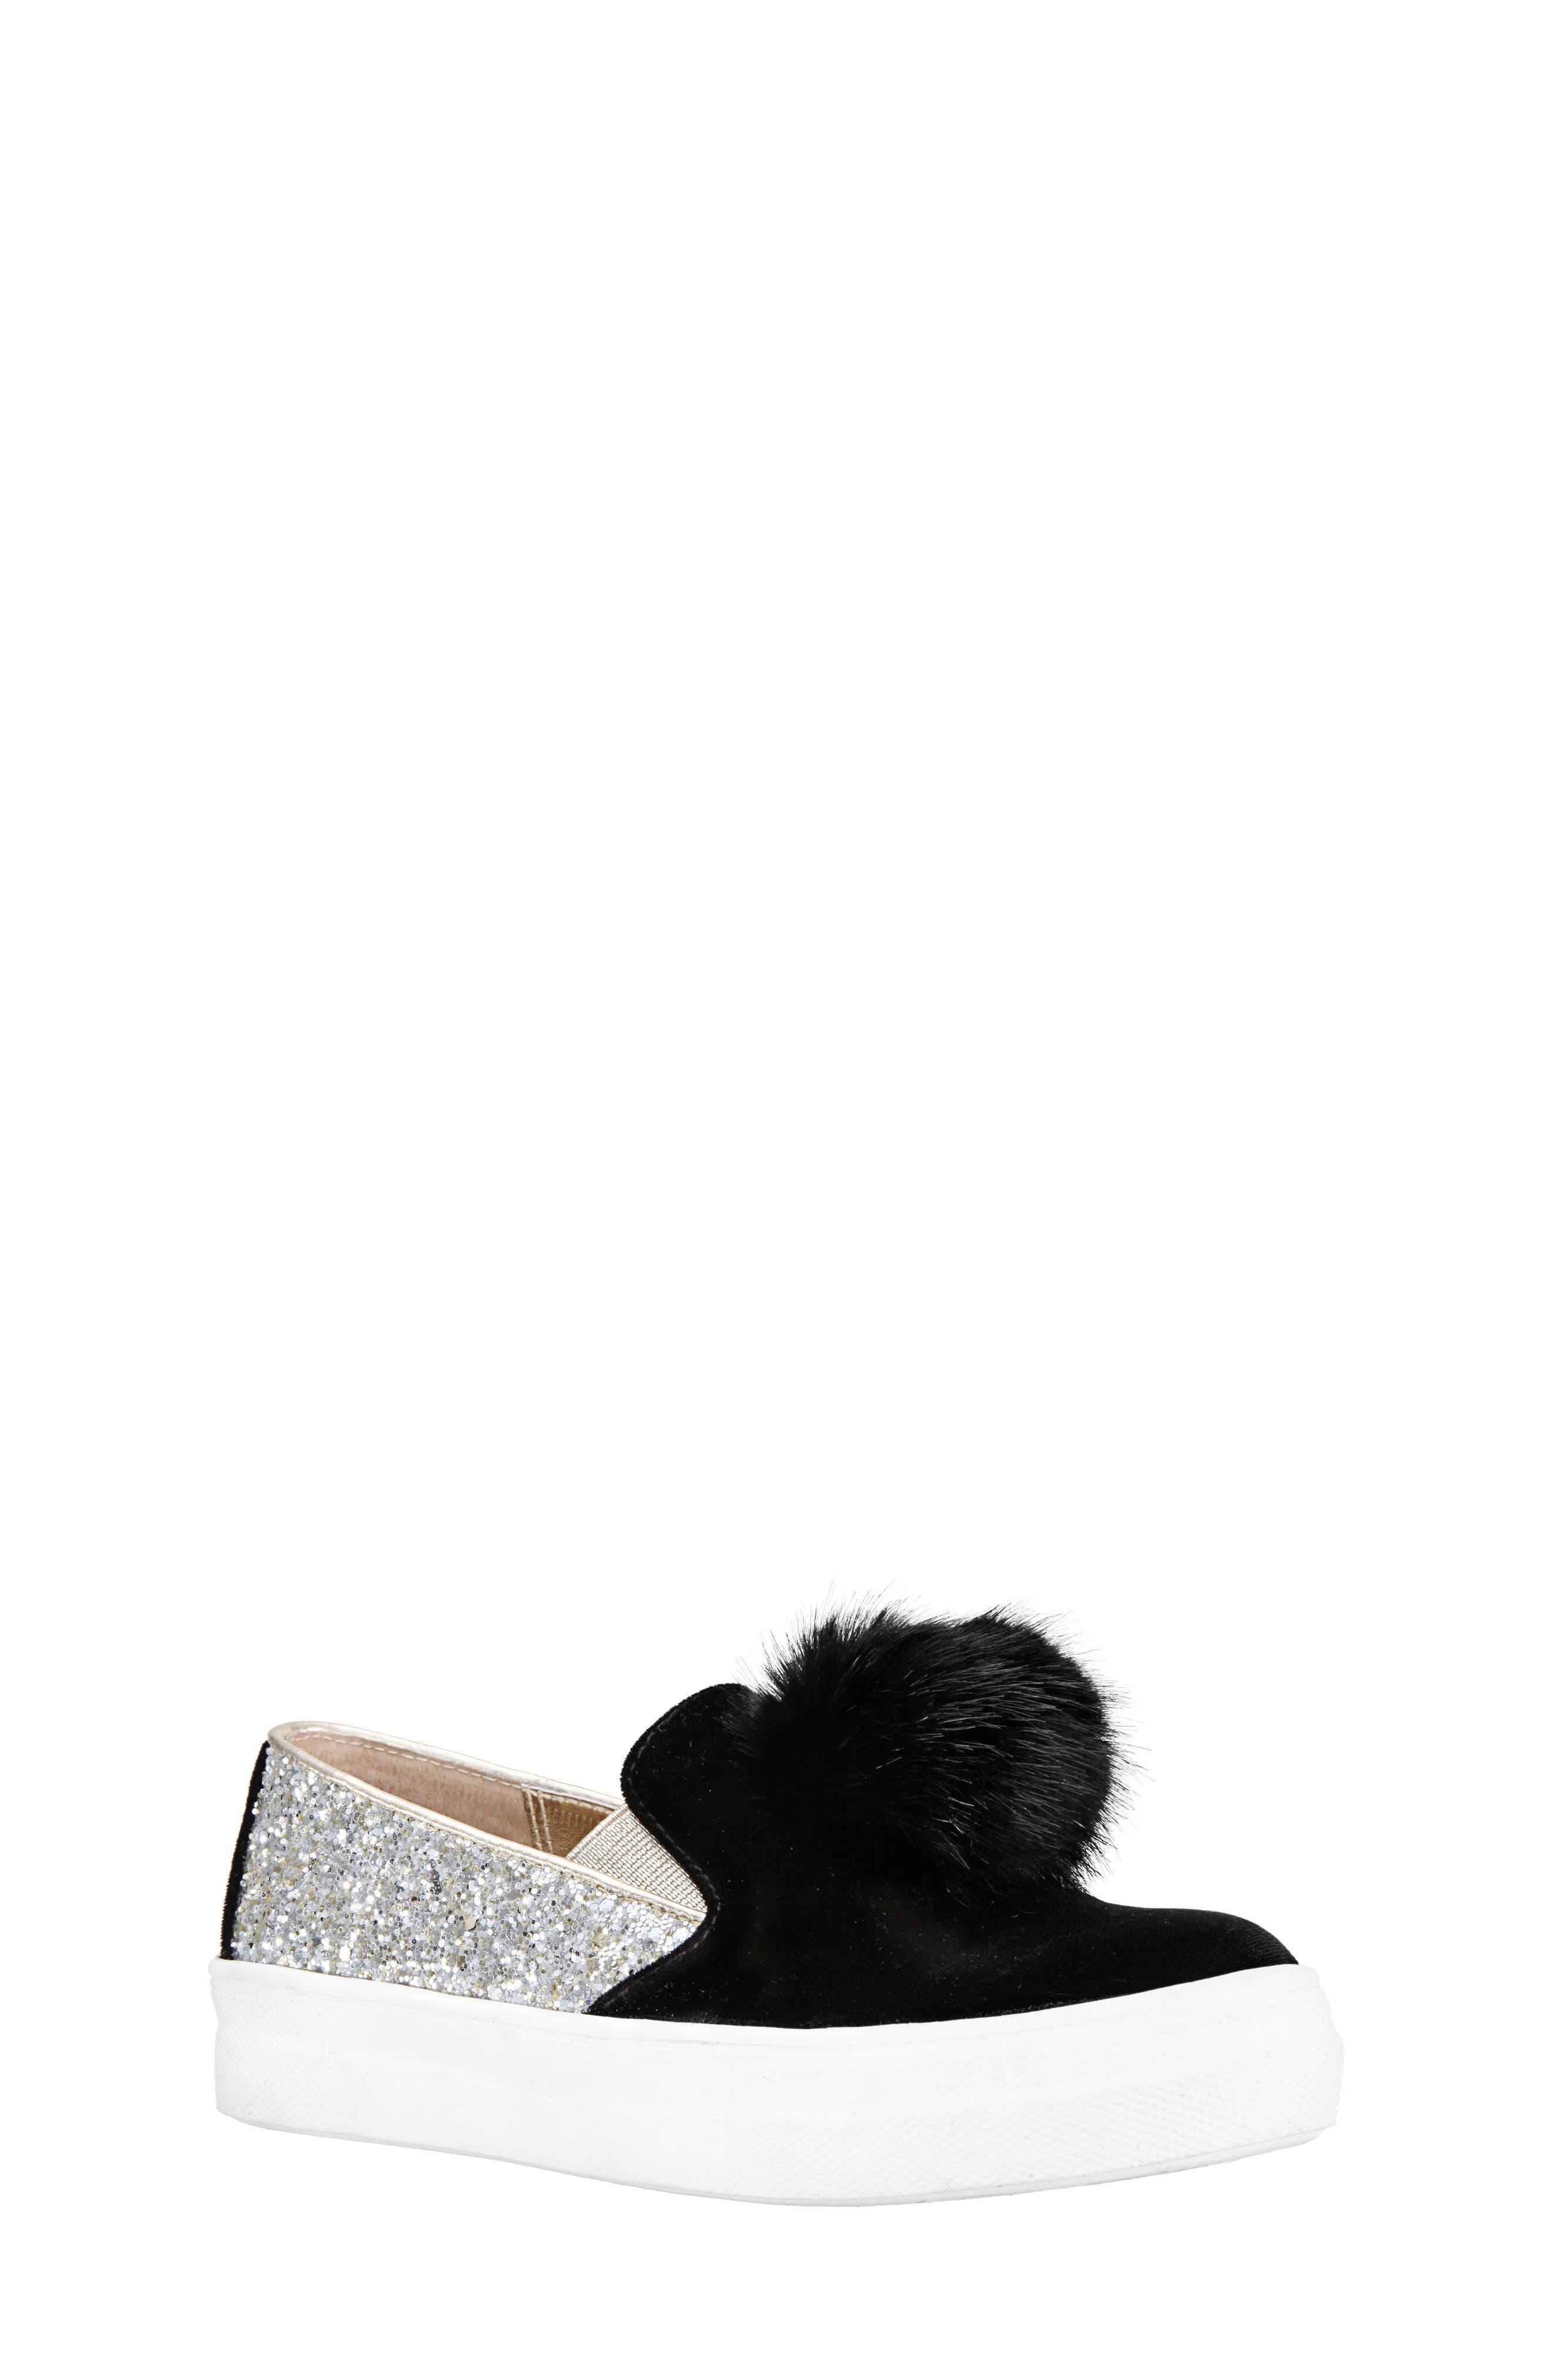 Hannie Glitter Pom Slip-On Sneaker,                             Main thumbnail 1, color,                             BLACK CHUNKY GLITTER/ VELVET